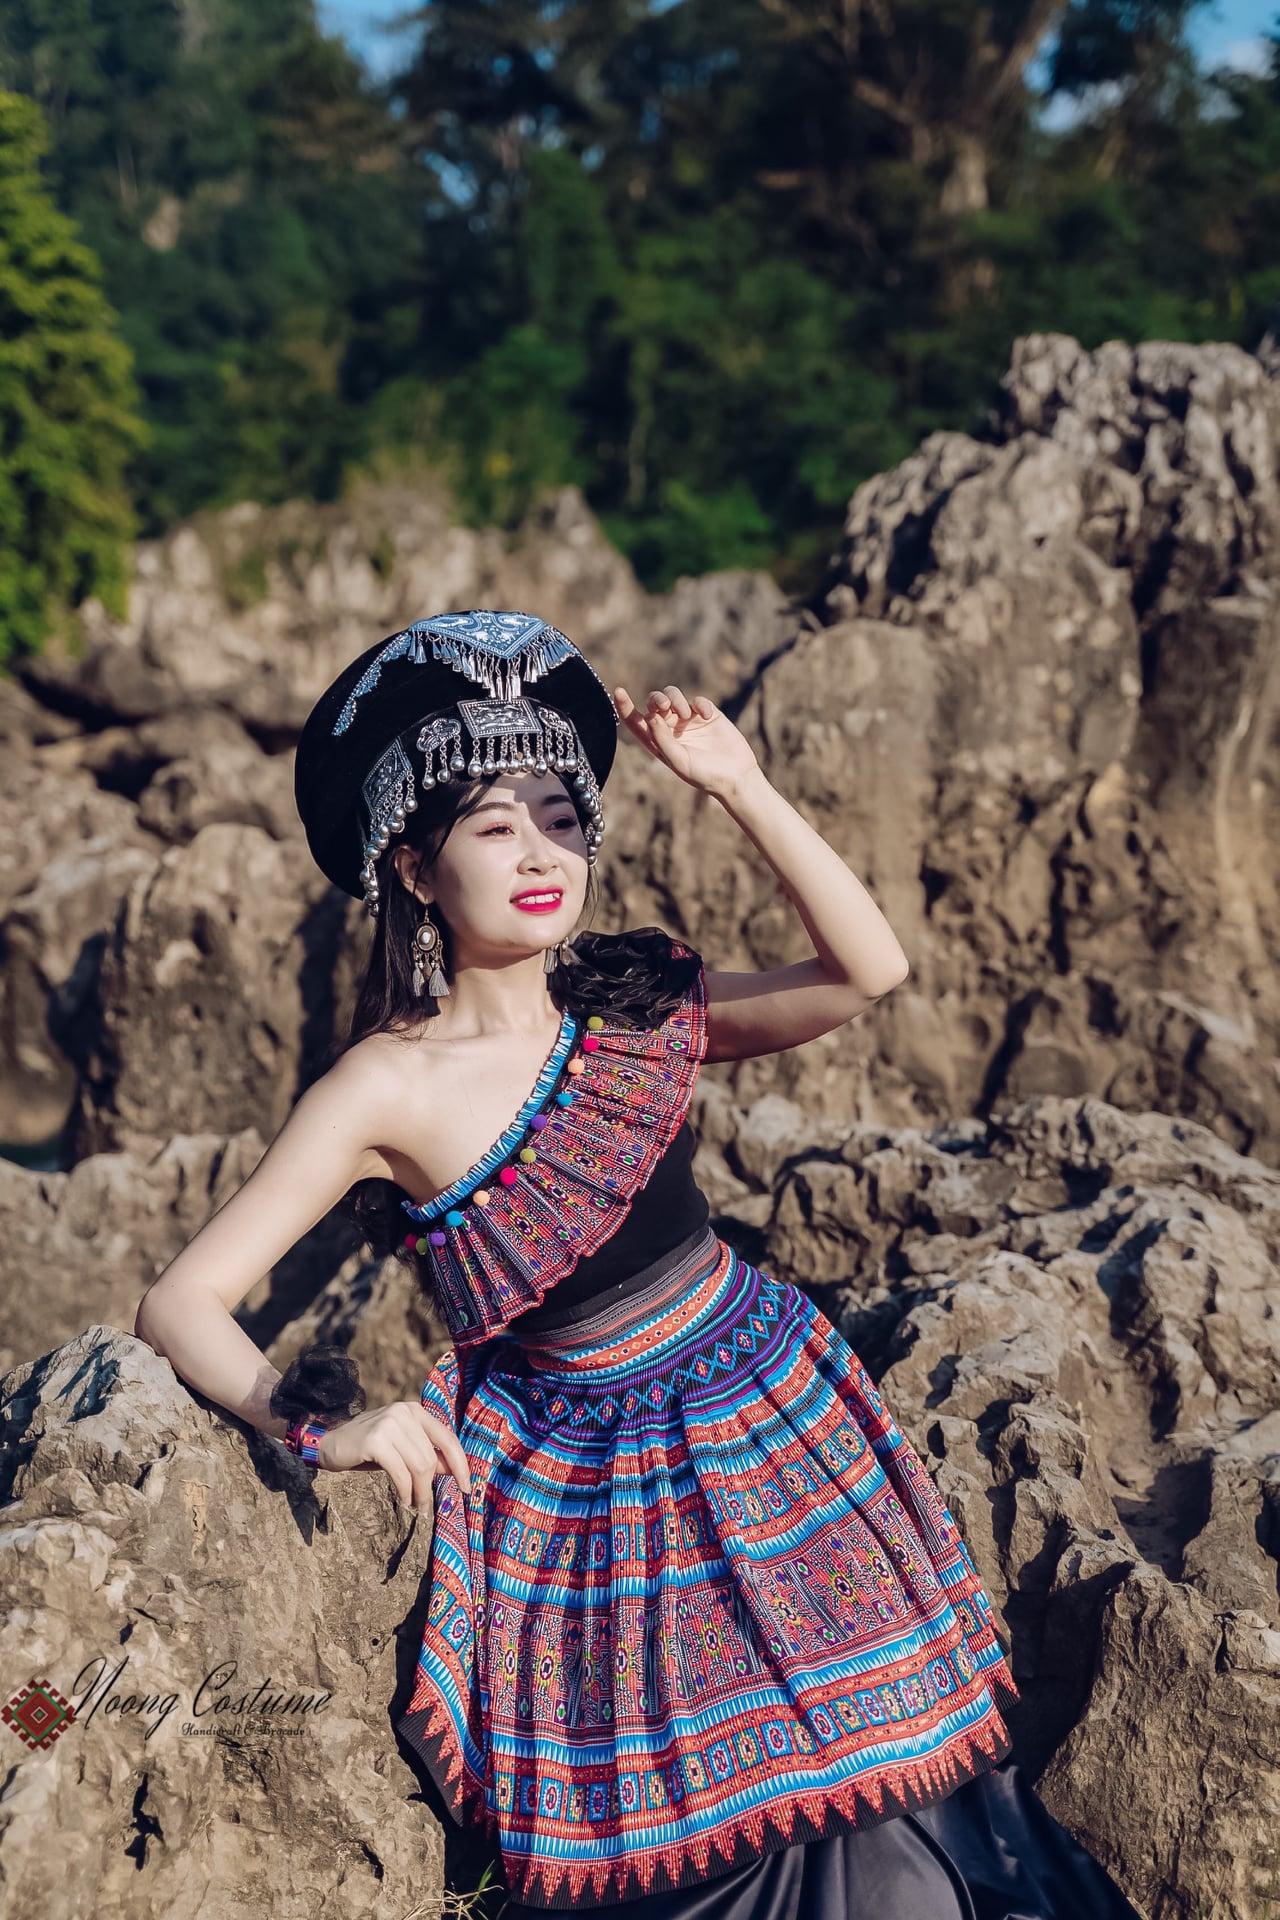 Noọng Costume là tiệm tự thiết kế trang phục dân tộc cách tân ở Mộc Châu